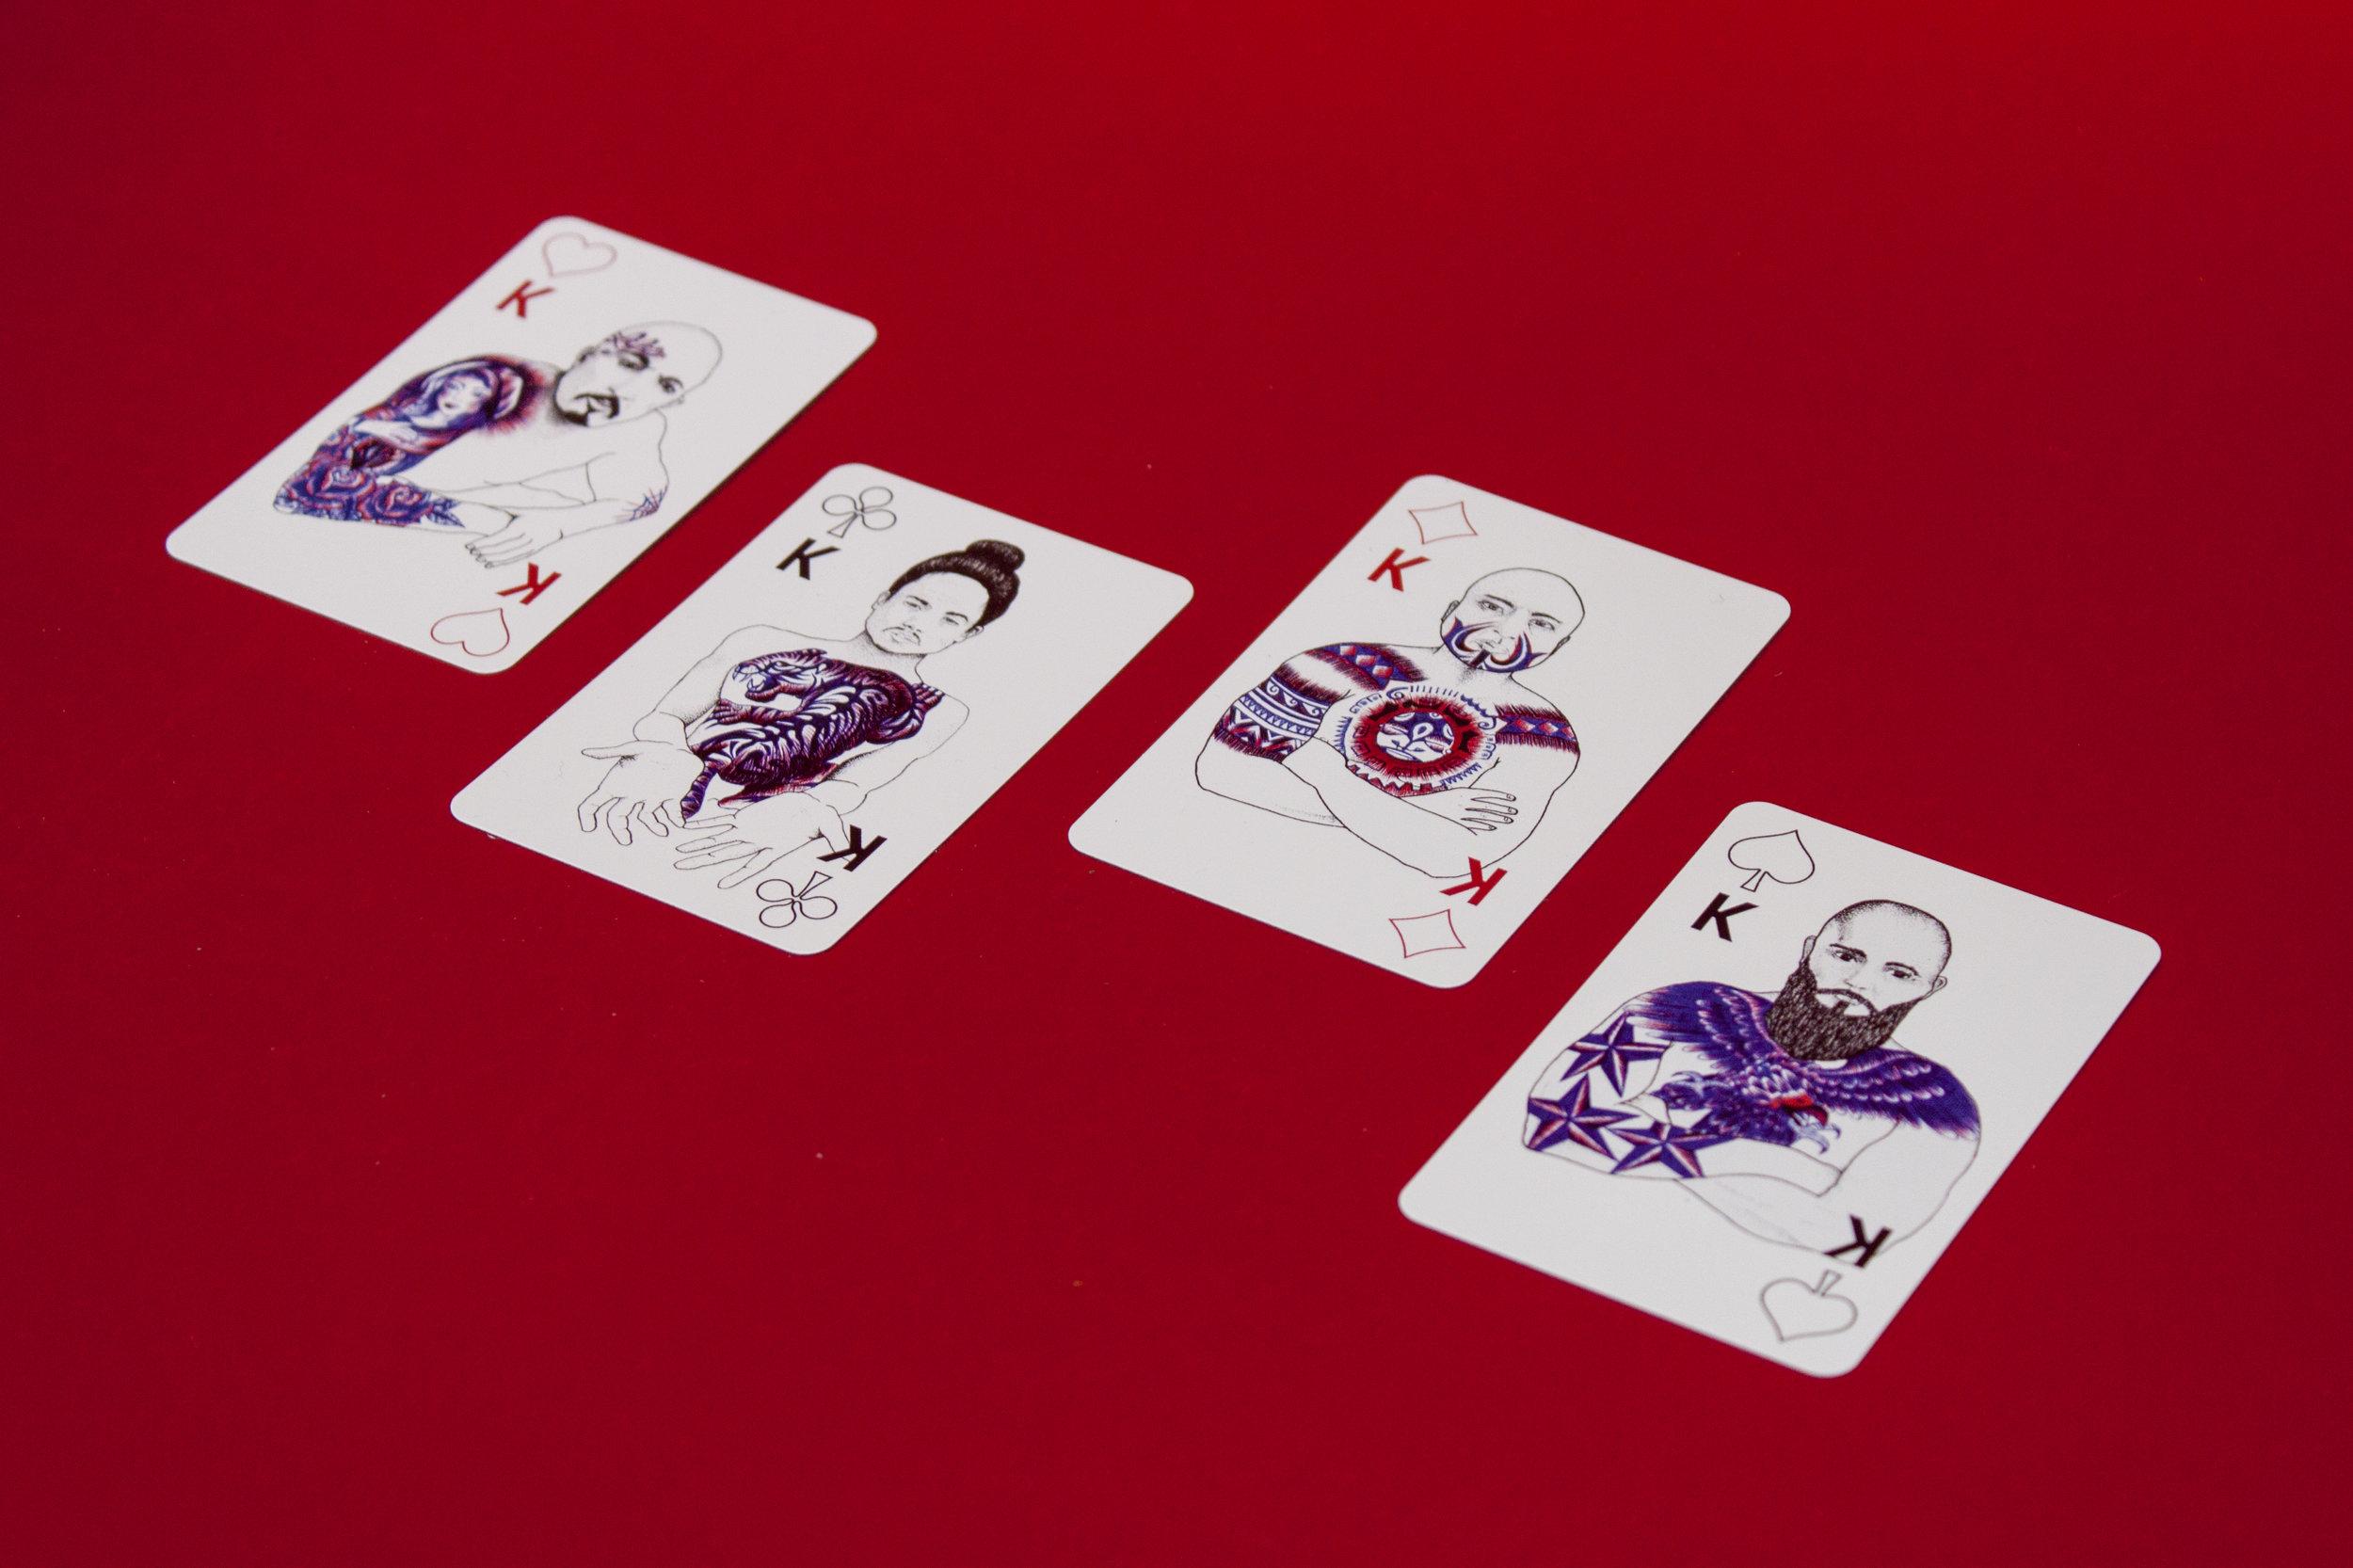 Jeu_de_cartes_Display_09.jpg